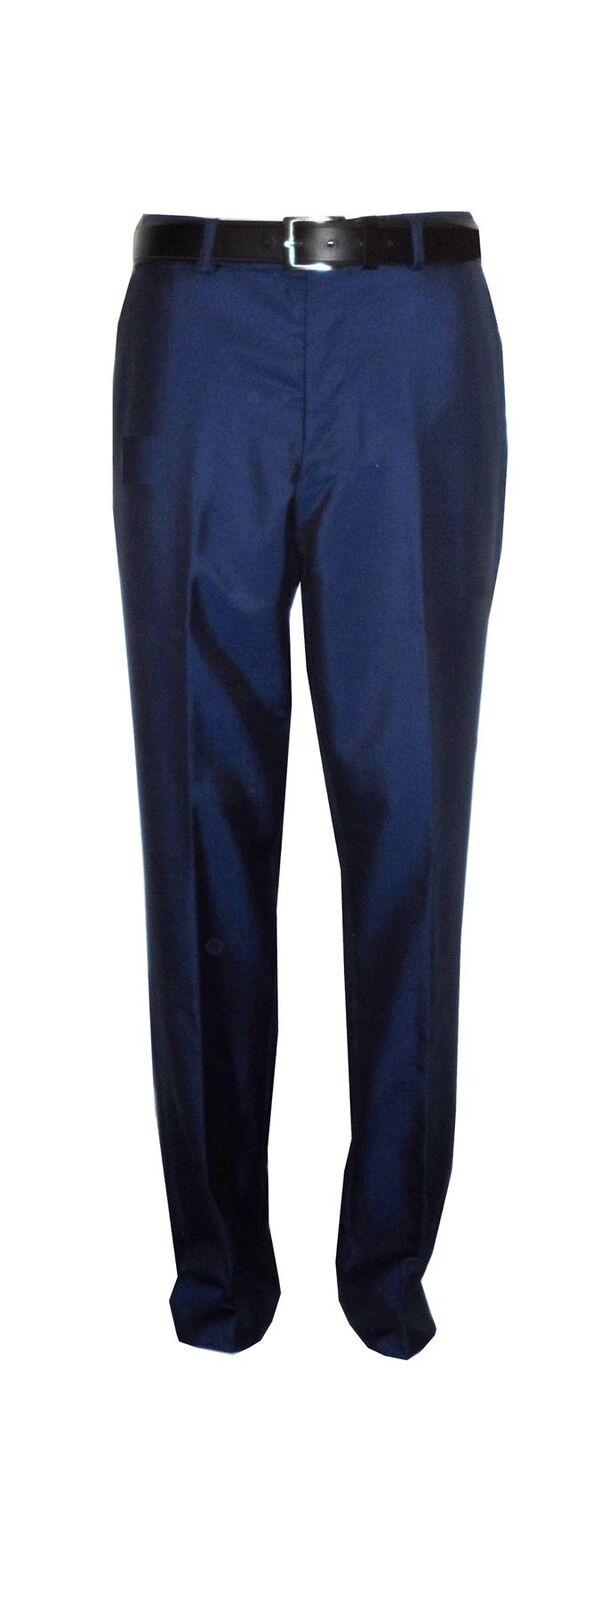 Voeut Herren Formell enge Passform Tonic blau Anzugshose (Ford) Größen